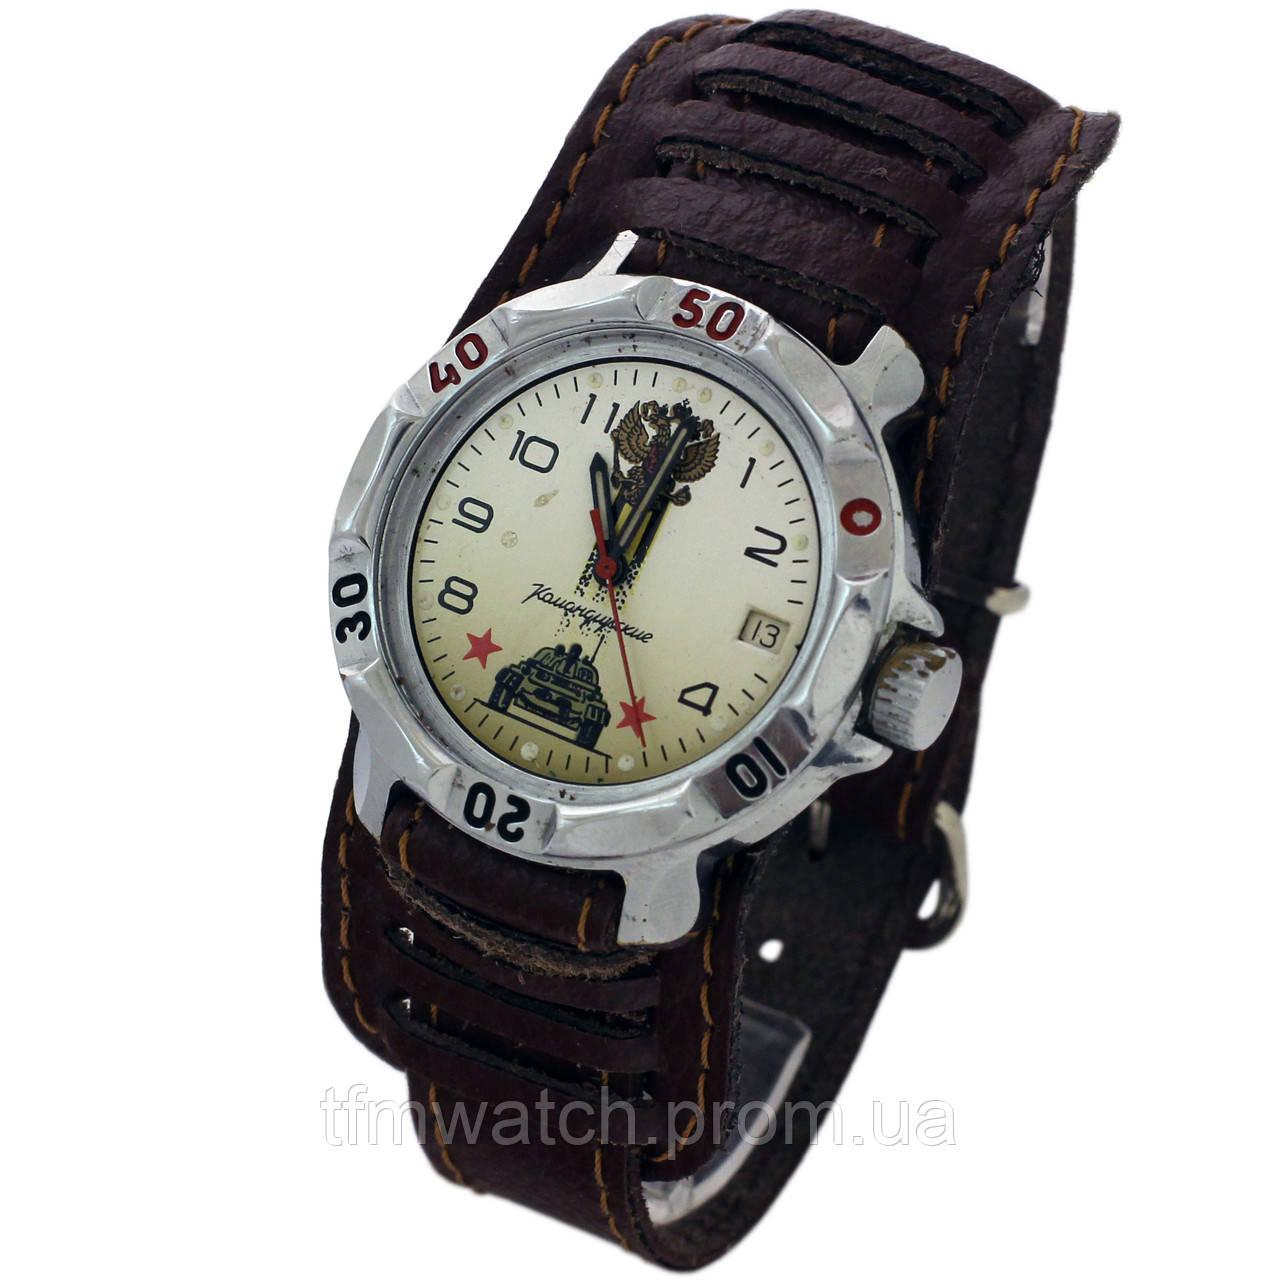 Продать командирские часы минск продам часы наручные